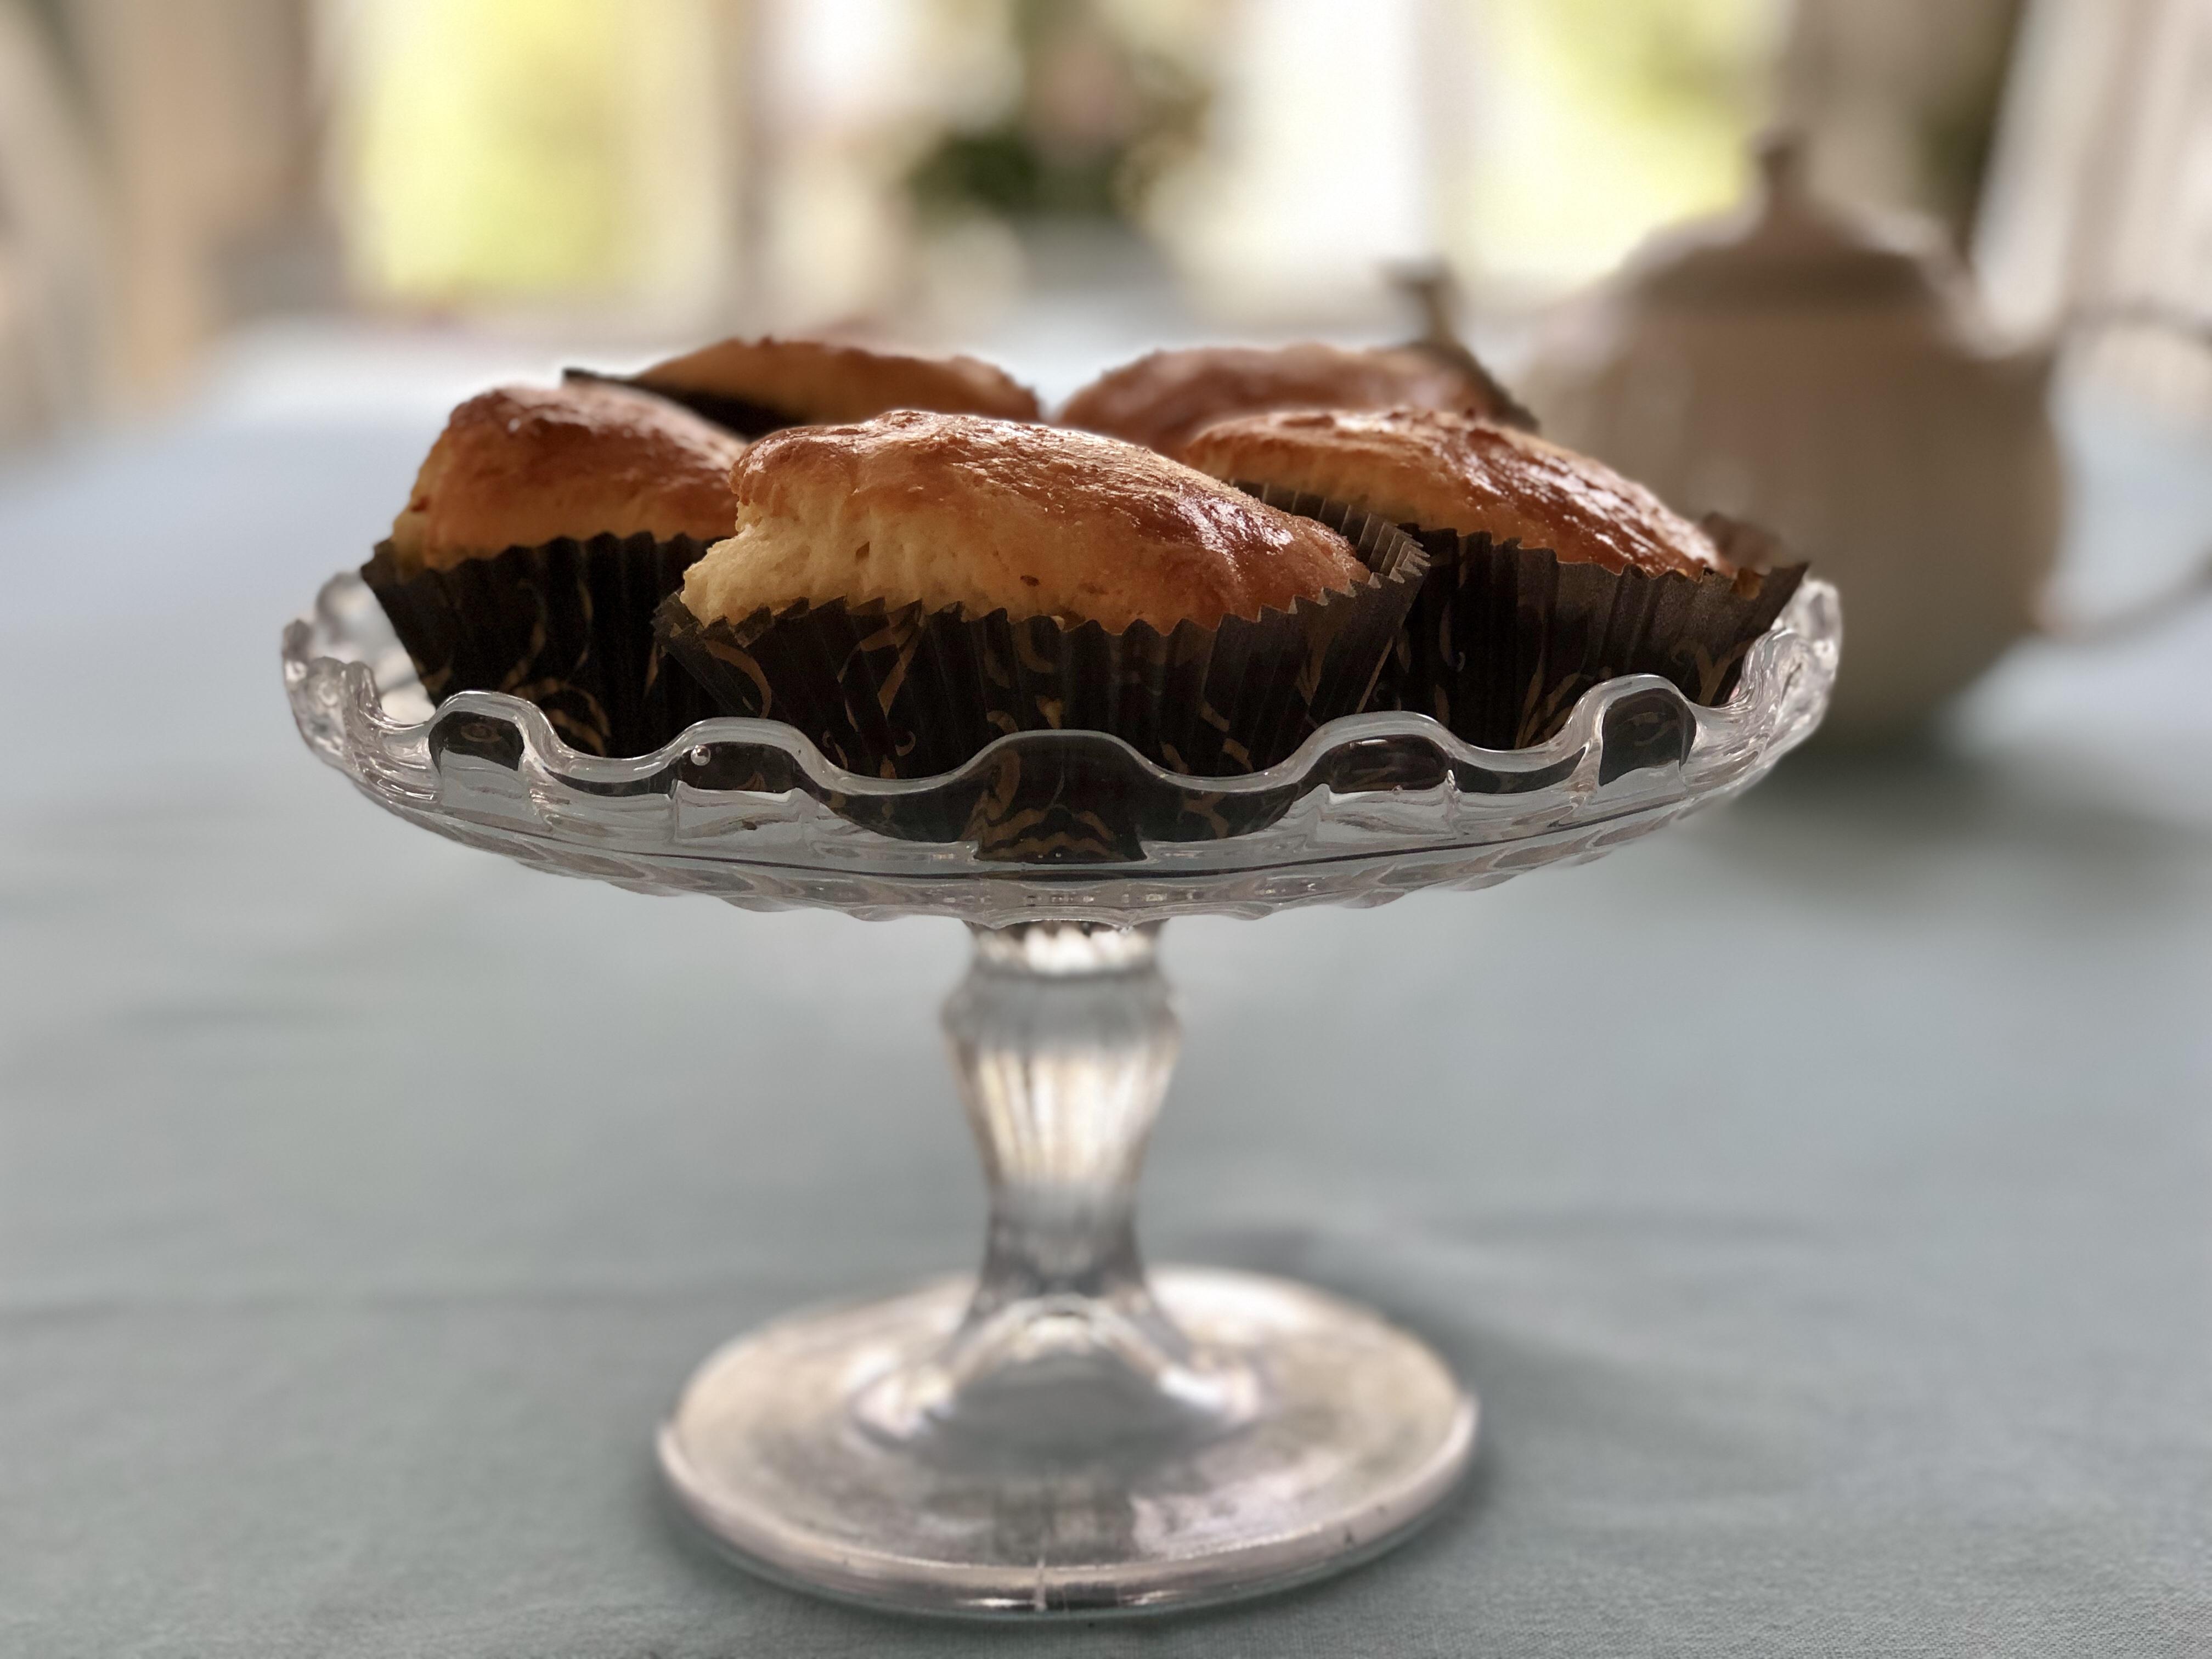 Engelska scones Afternoon tea